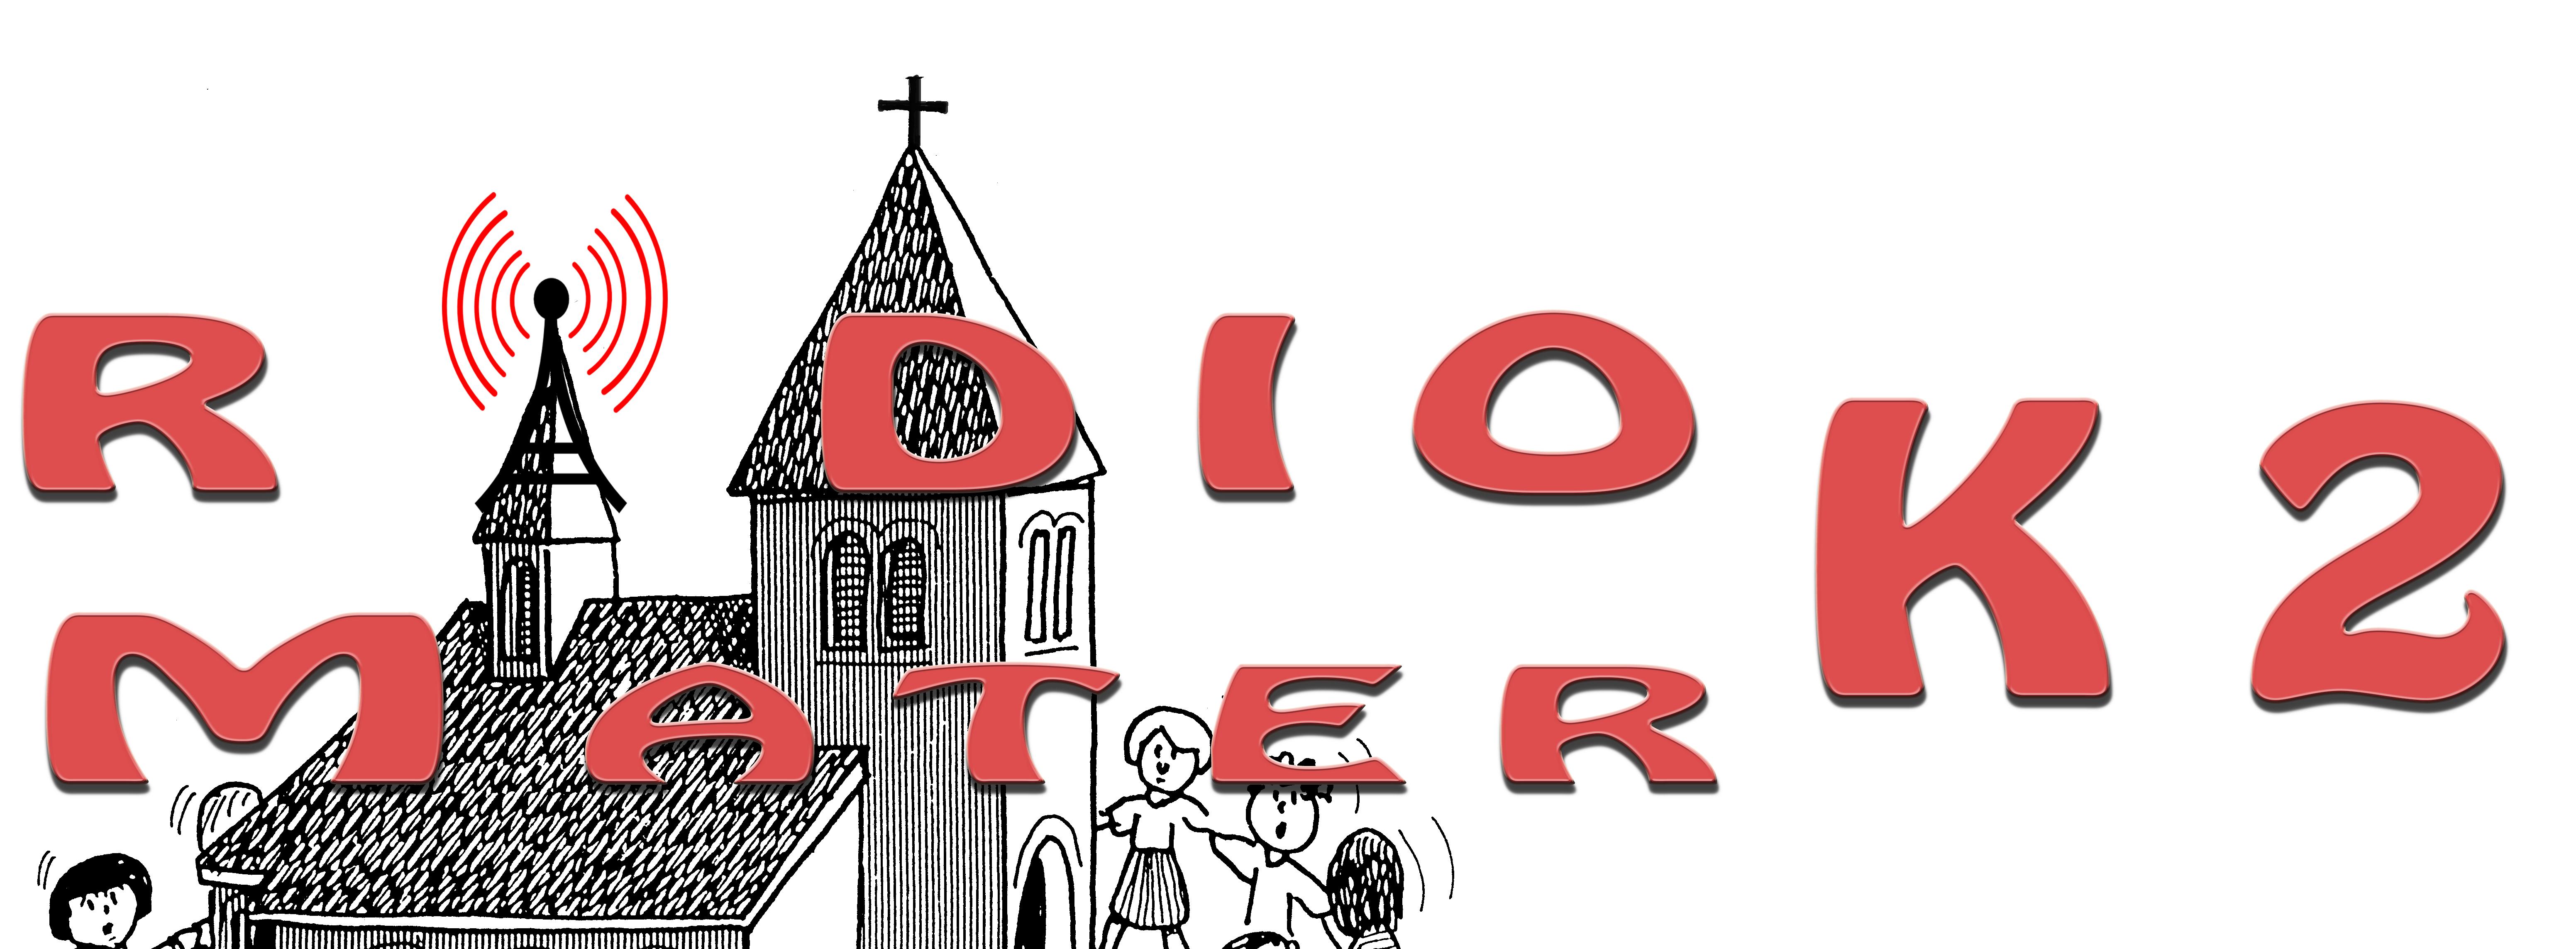 A Sassari Nasce una nuova Web-Radio maggio 2014 Radio K2 Mater la radio della Parrocchia di Mater Ecclesiae di Don Franco Manunta